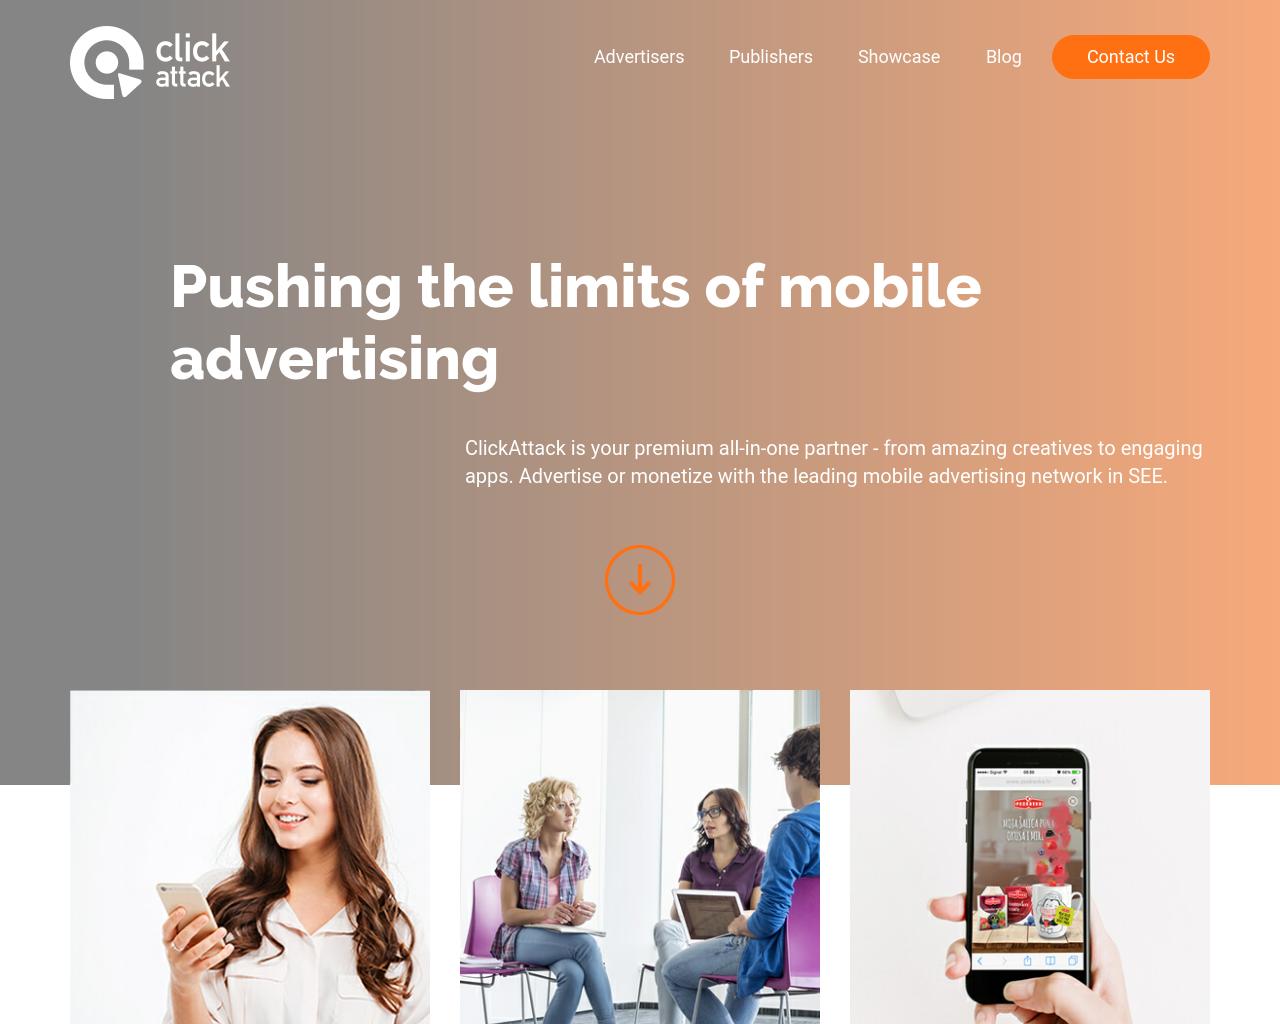 ClickAttack-Advertising-Reviews-Pricing